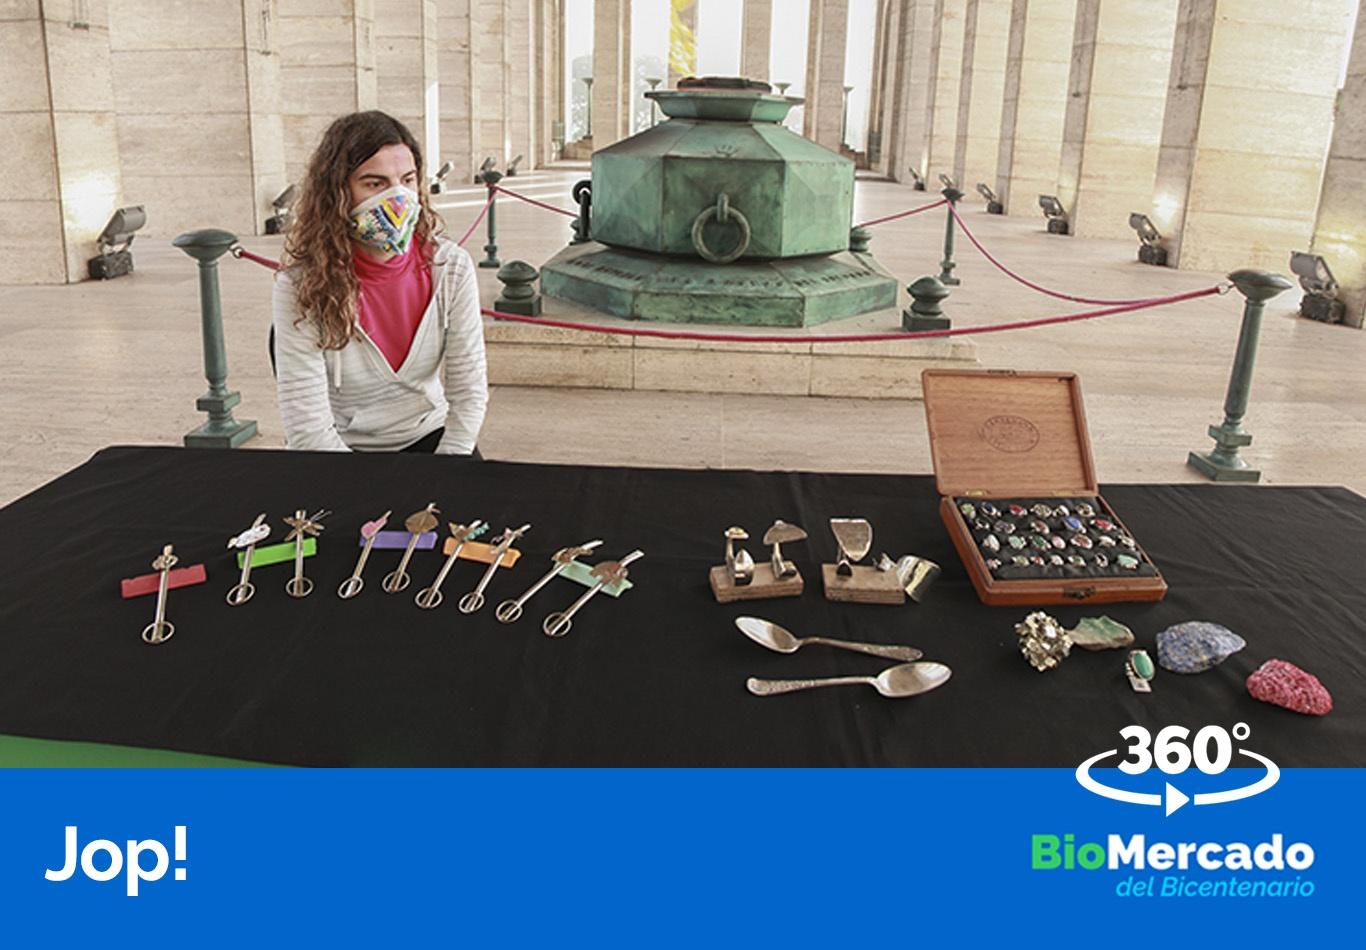 Modelo BioMercado Jop